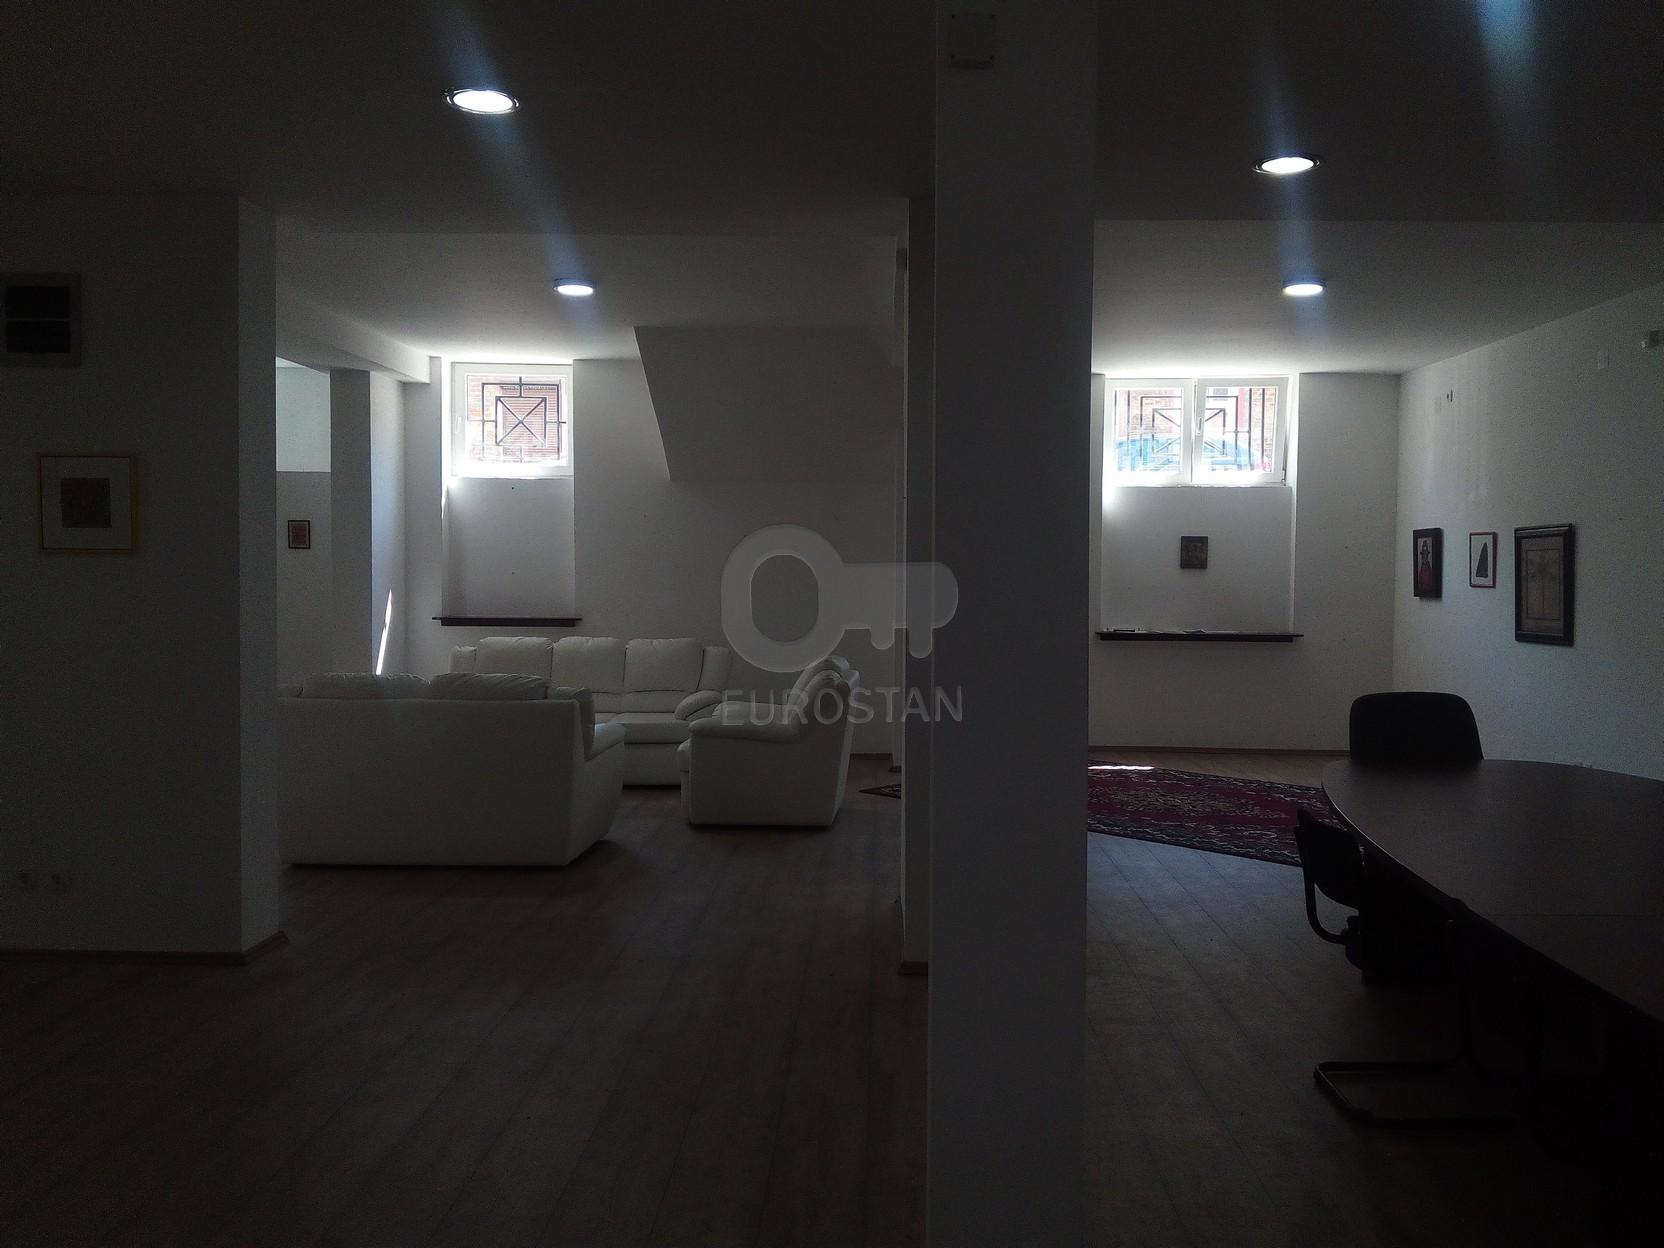 Poslovni prostor MUHAR 1000 EUR